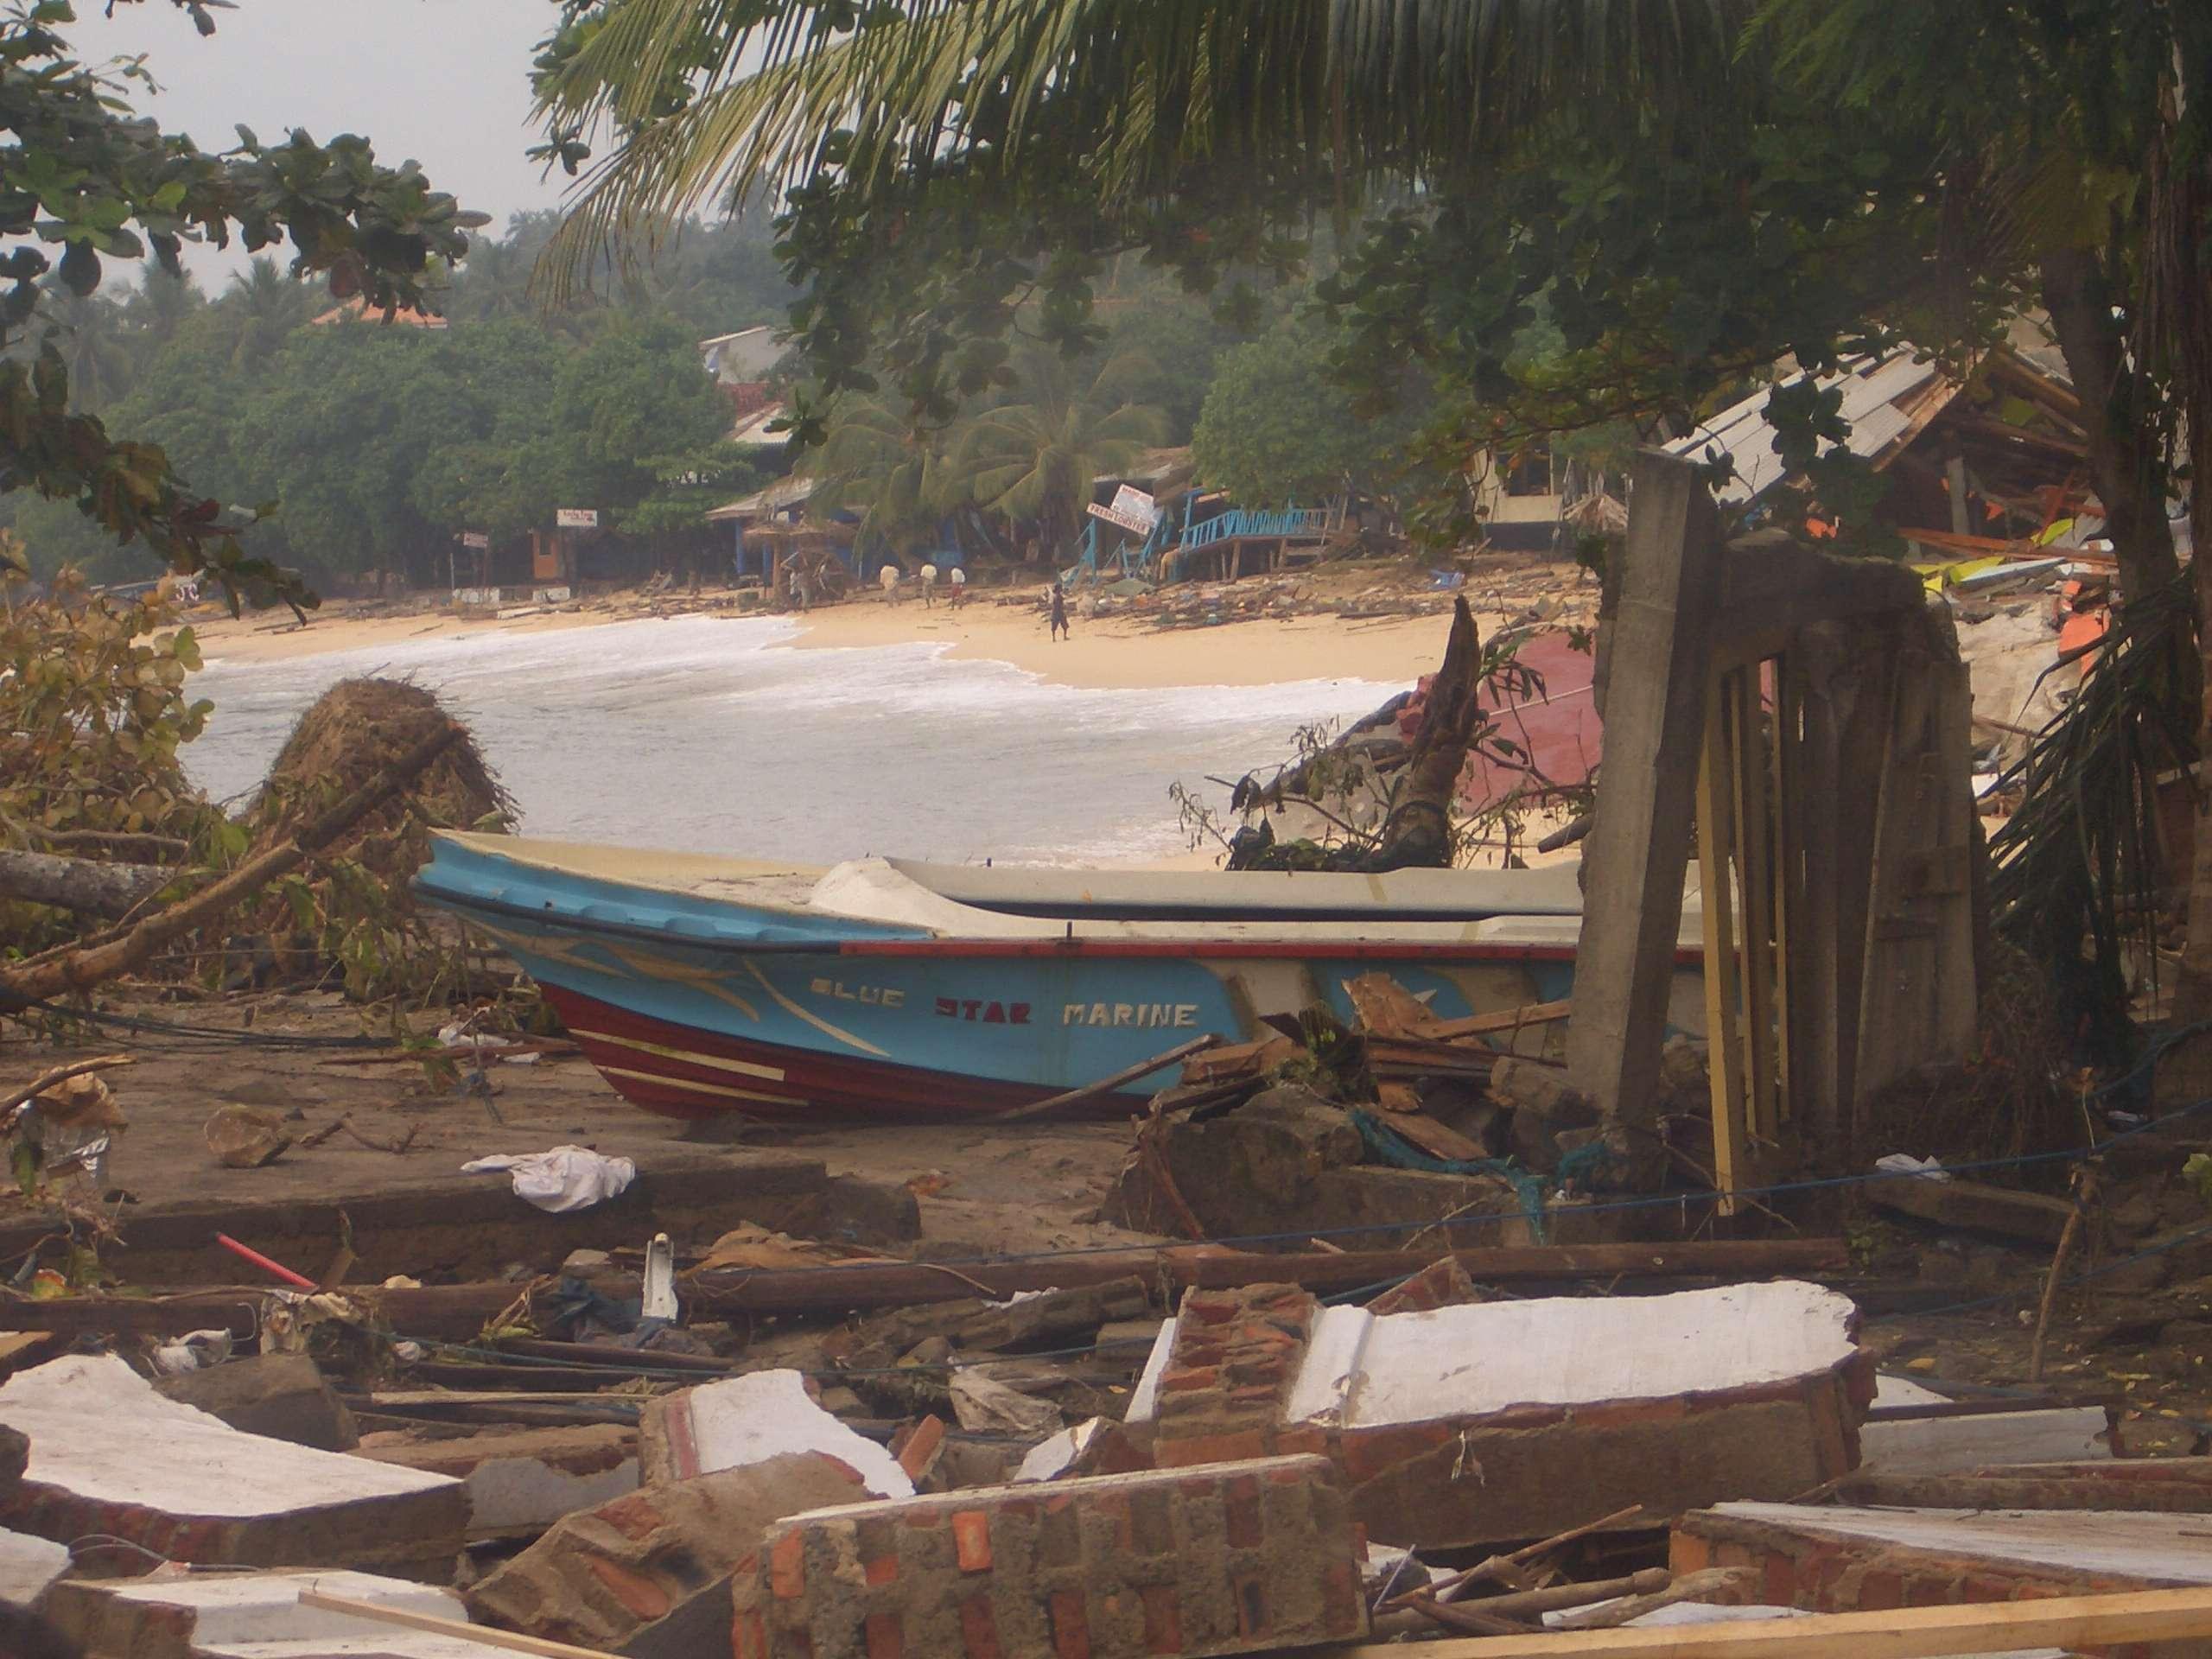 """""""A onda destruiu paredes, árvores e os prédios em nossa volta, antes de crescer e crescer"""", disse Louis Foto: Louis Cryer/BBCBrasil.com"""